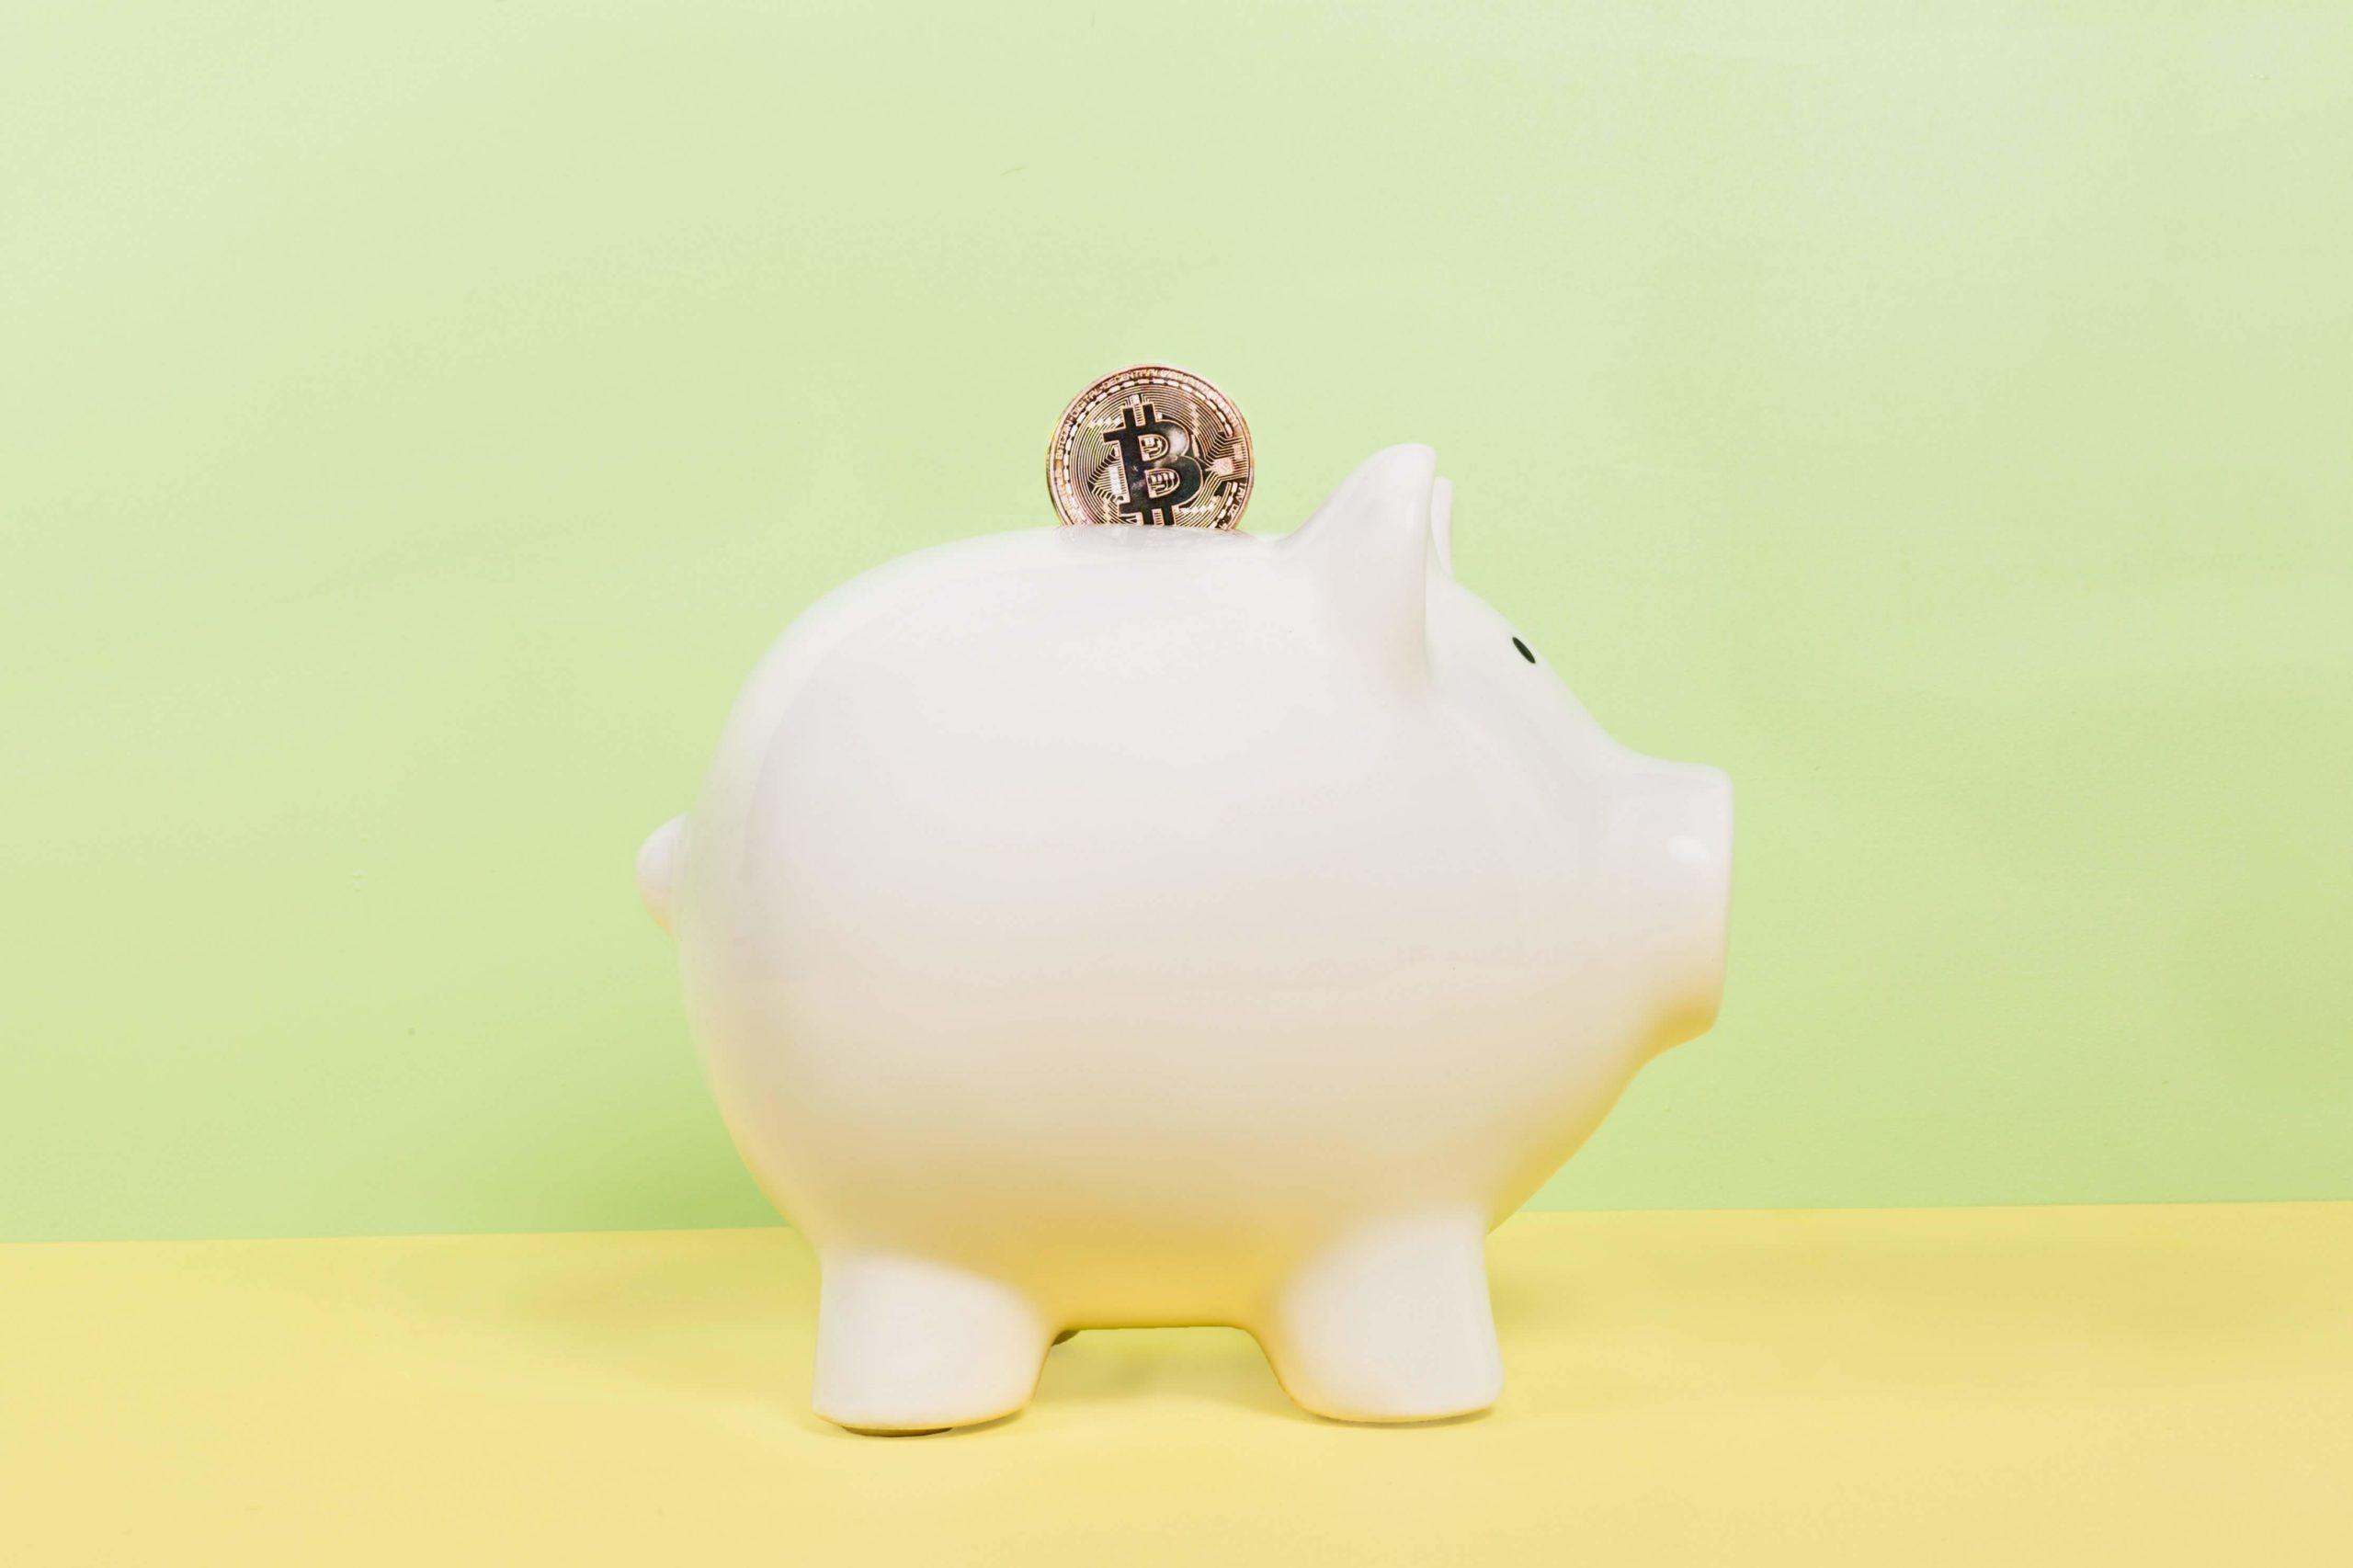 損せずにビットコインを貯める方法【初心者向け】